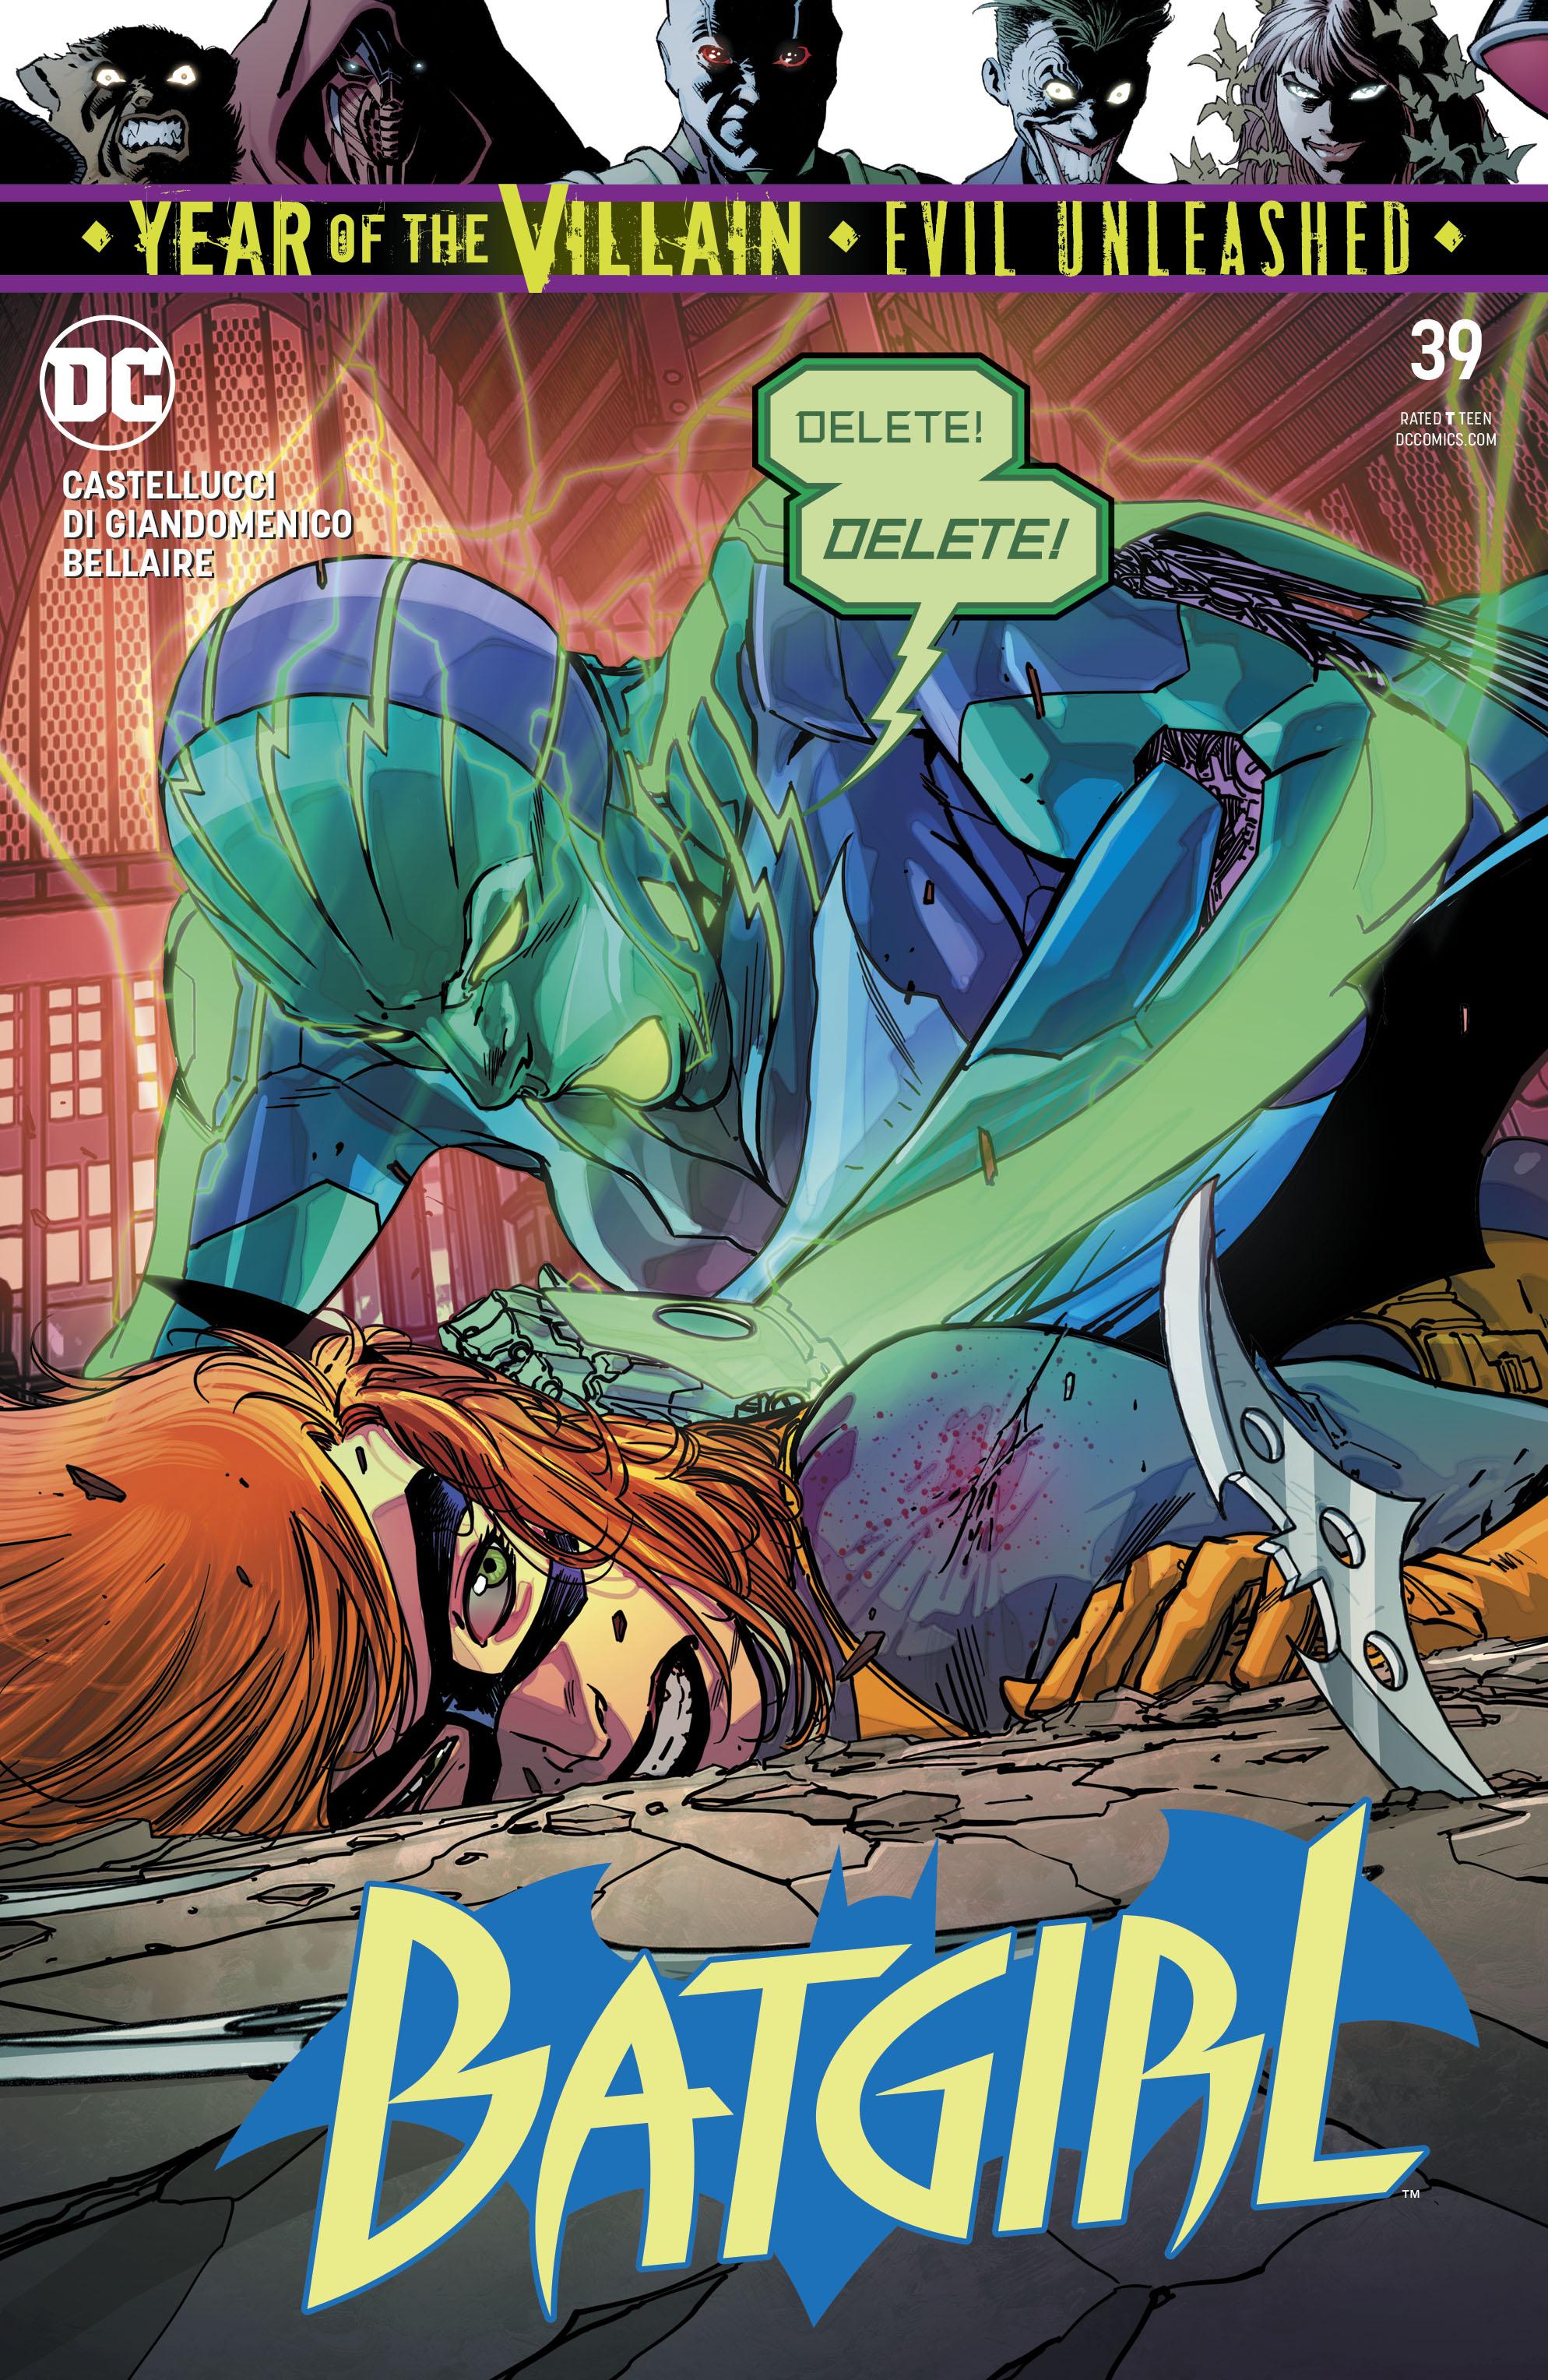 Batgirl Vol 5 39